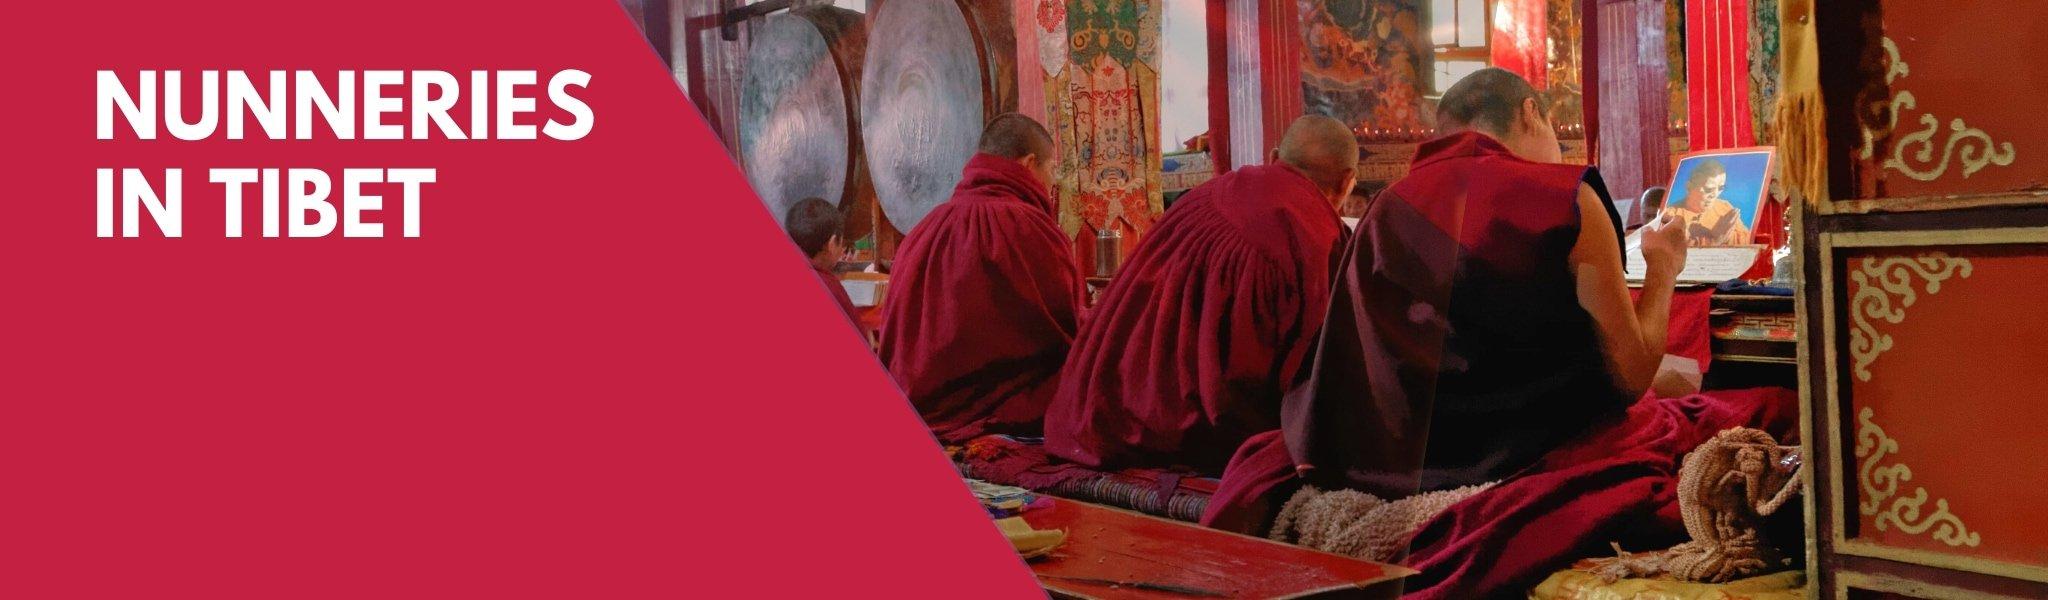 Nunneries-in-Tibet